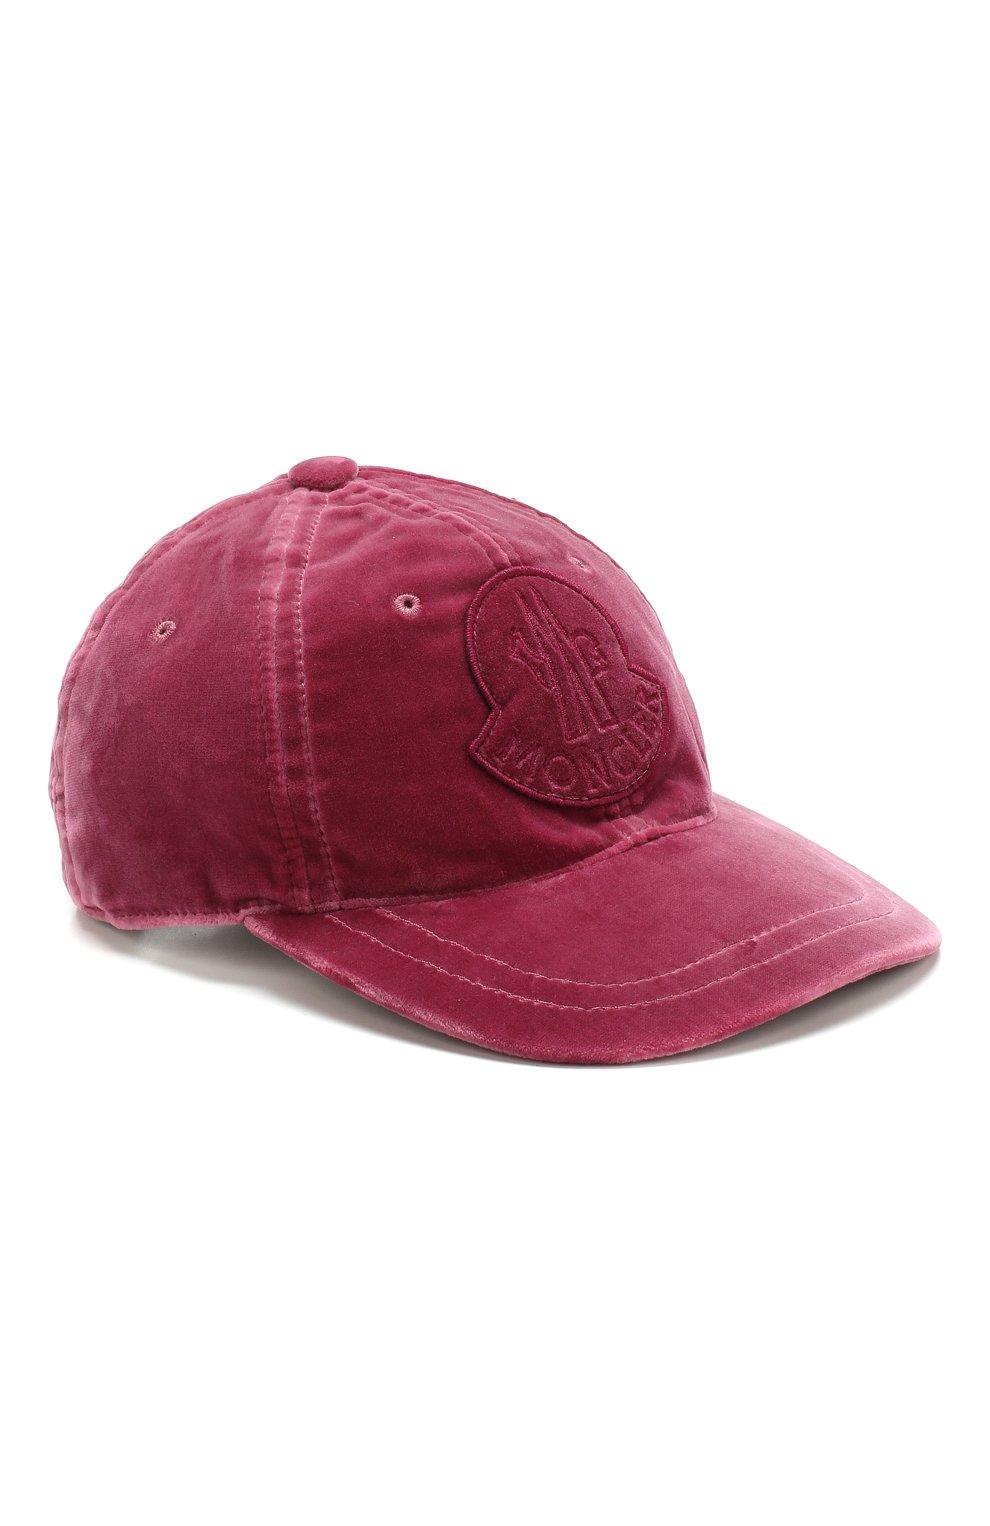 Вельветовая кепка с логотипом бренда   Фото №1